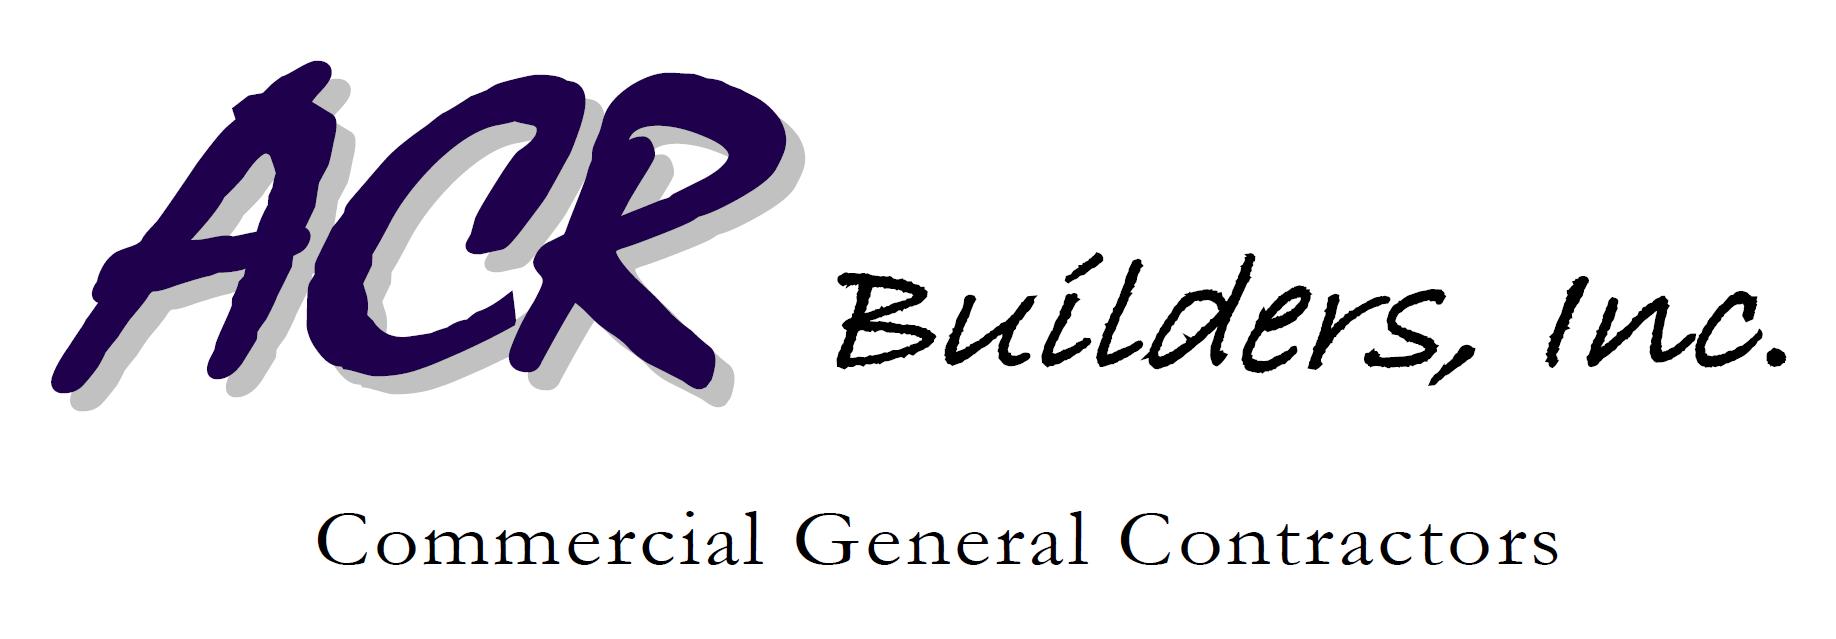 ACR-Logo-commercial-general-contractors